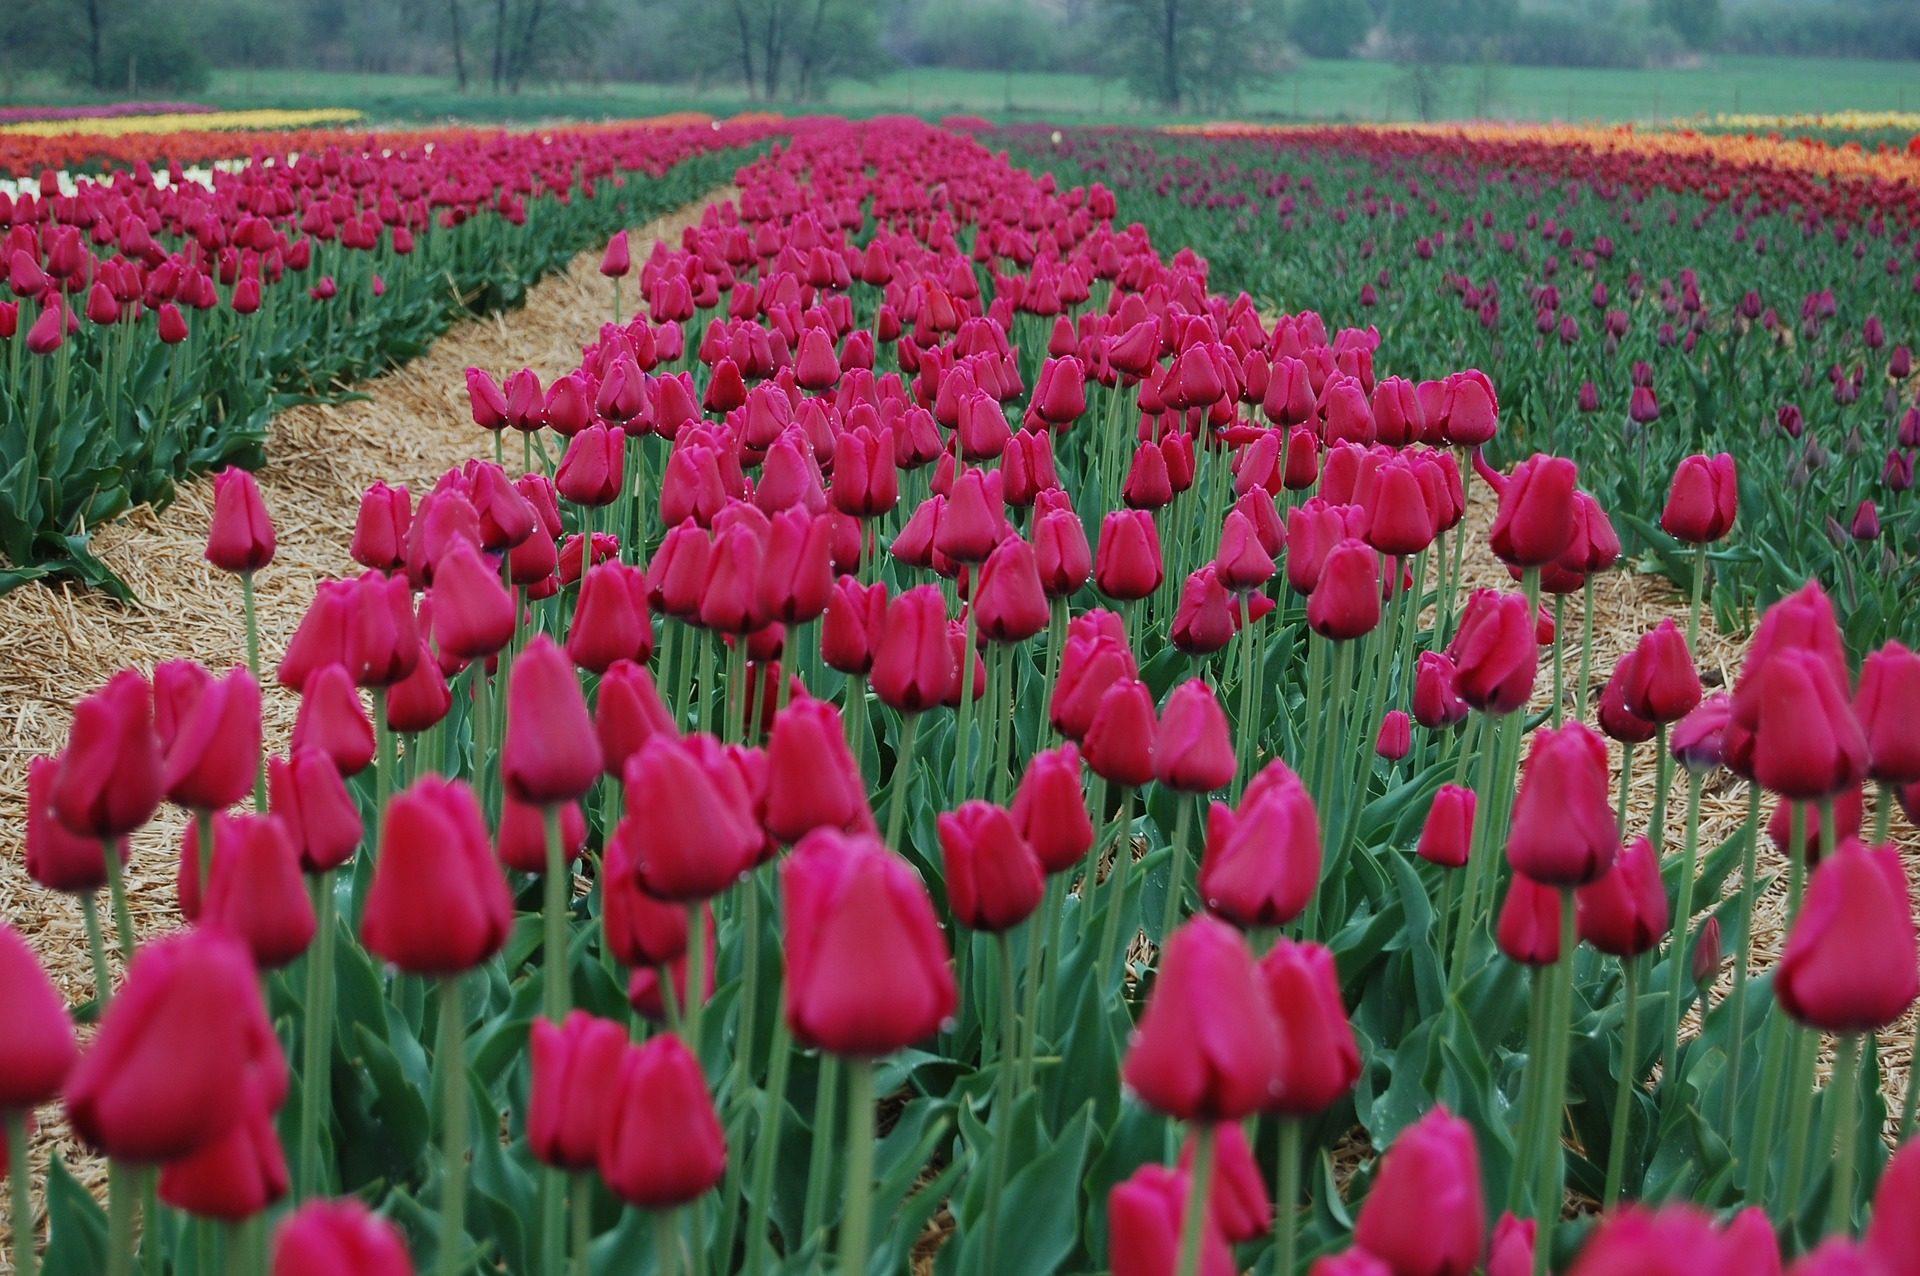 Imagenes De Fondo Flores Para Pantalla Hd 2: Descargar Fondos De Pantalla Fondo De Flores Hd Widescreen